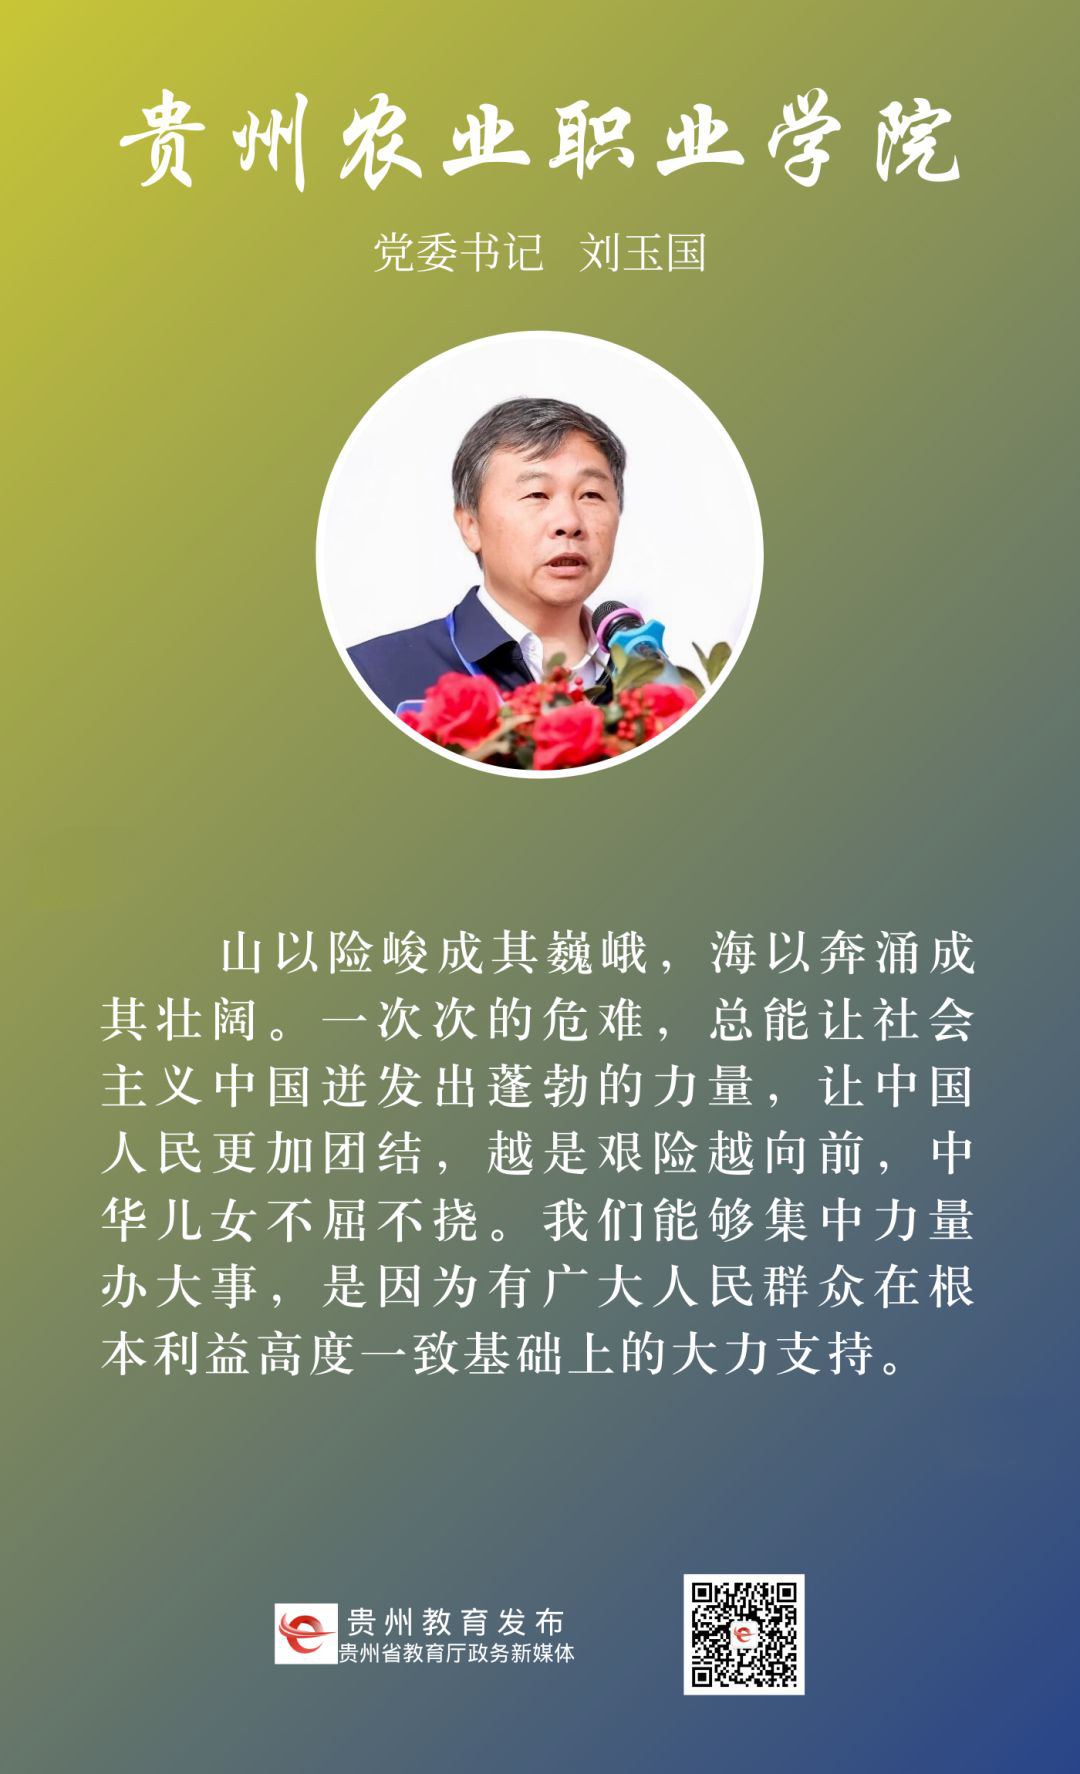 15贵州农职院.jpg